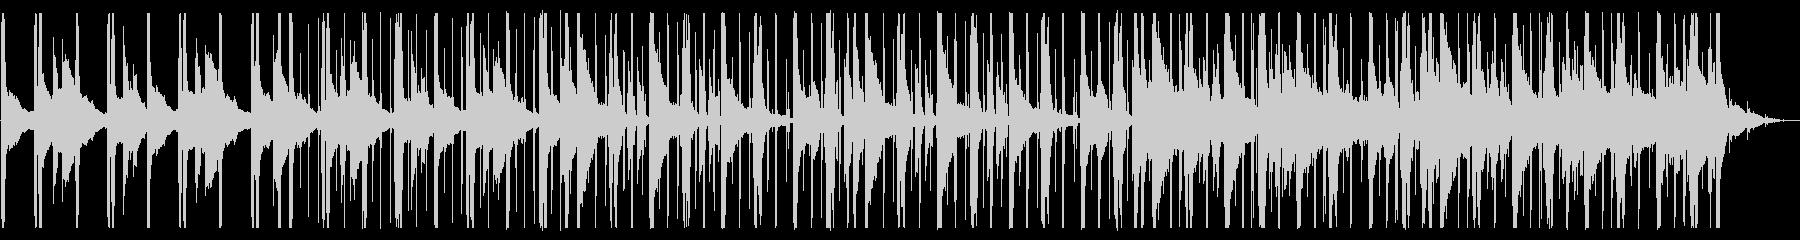 のんびり/Hiphop_No586_2の未再生の波形